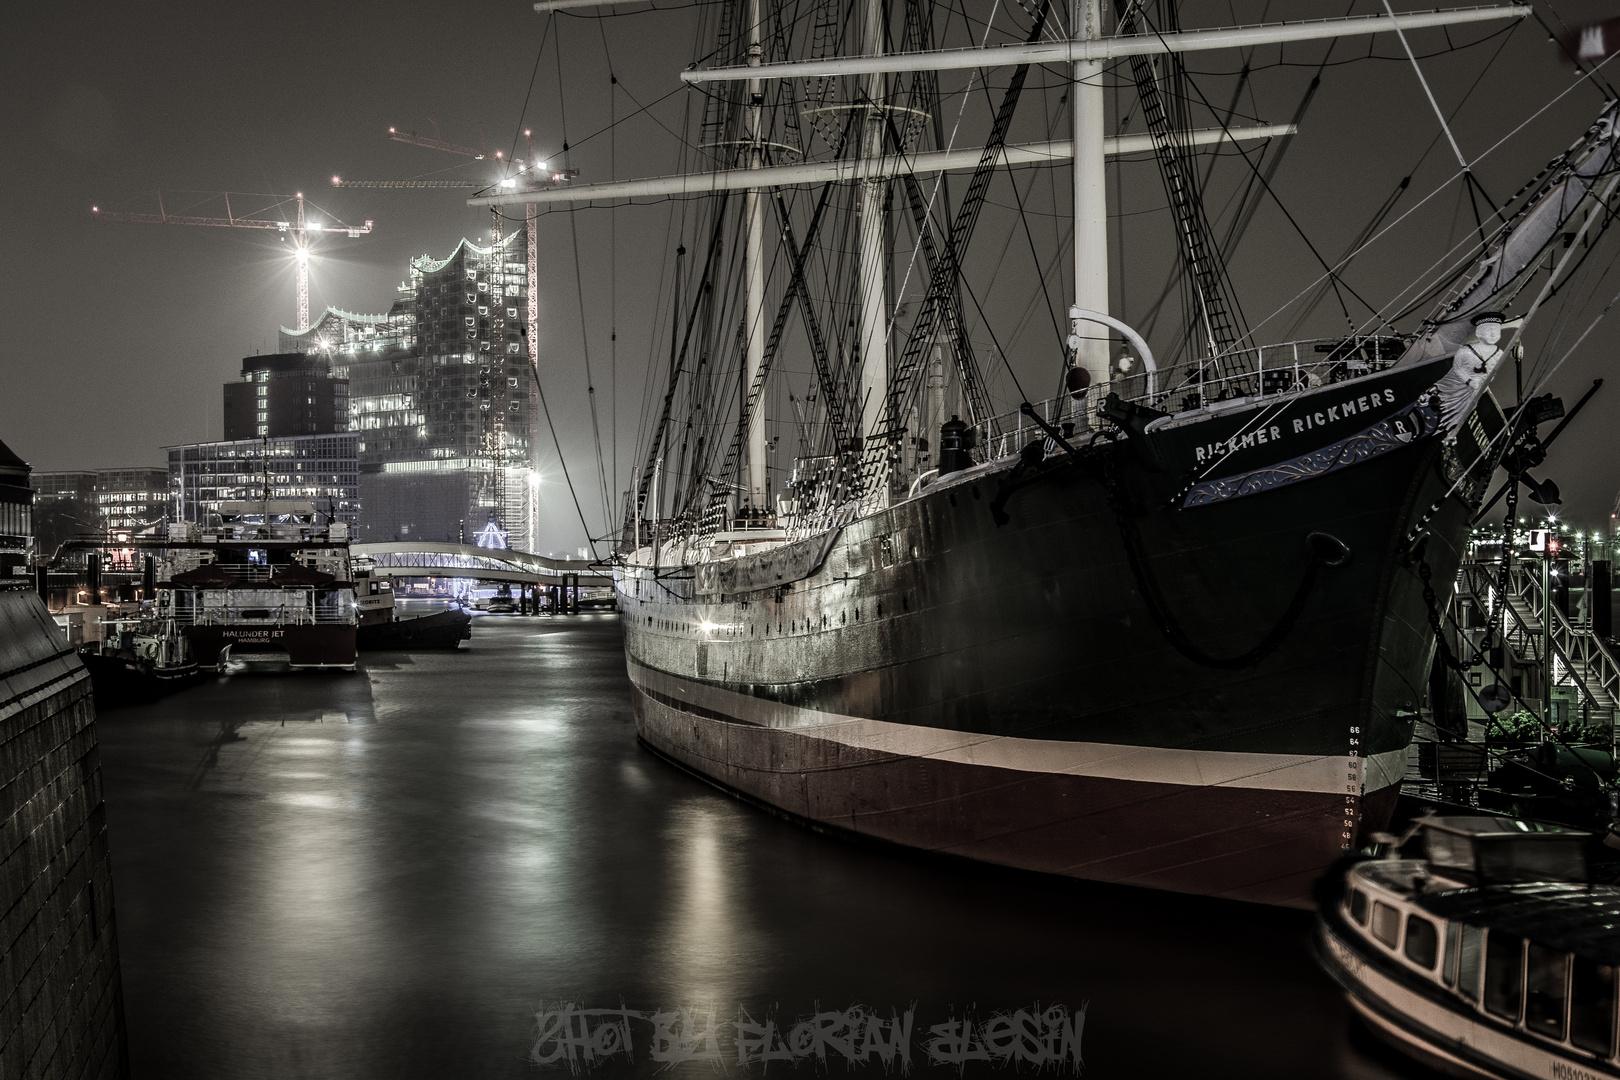 Elbphilharmonie+Rickmer Rickmers im Hamburger Hafen bei Nacht